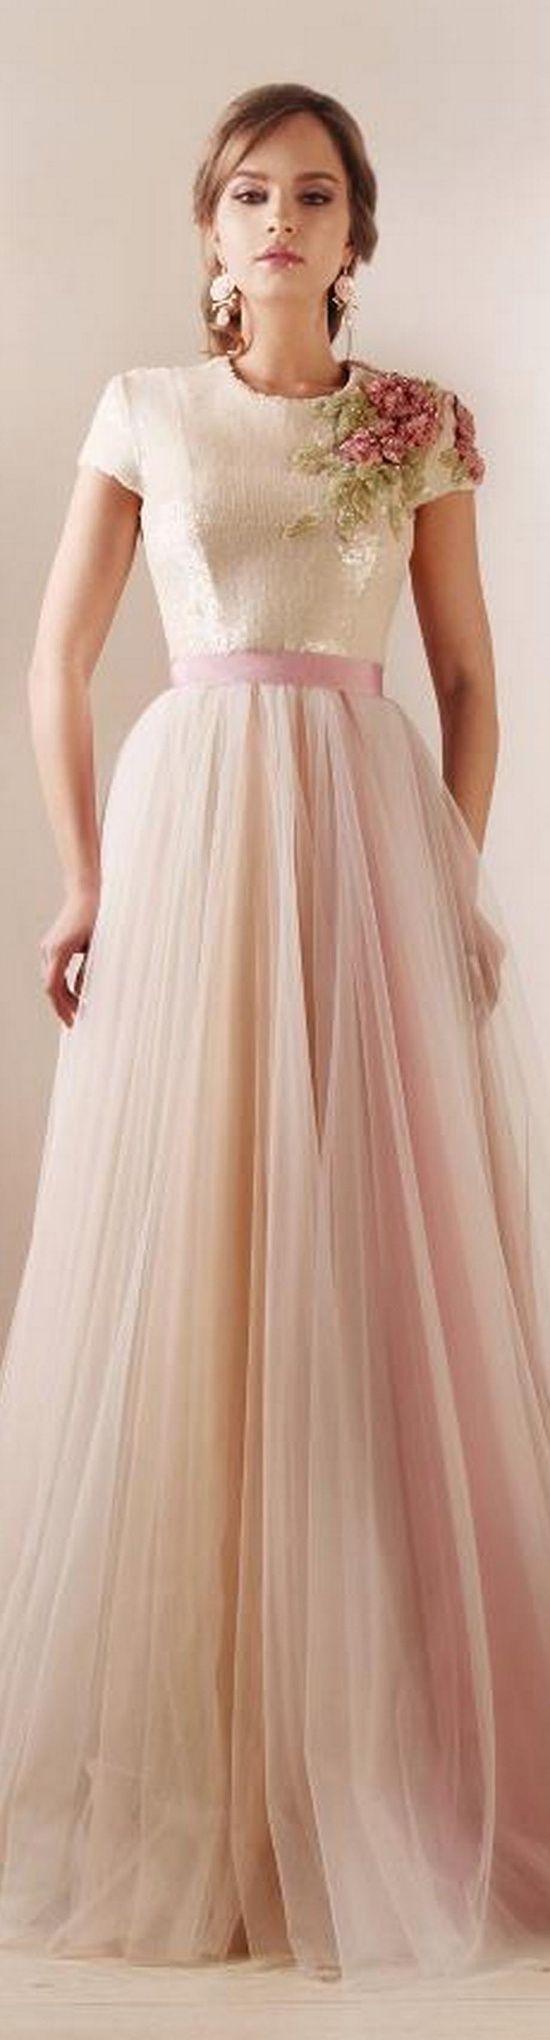 Rami Kadi's S/S 2012 bridal collection